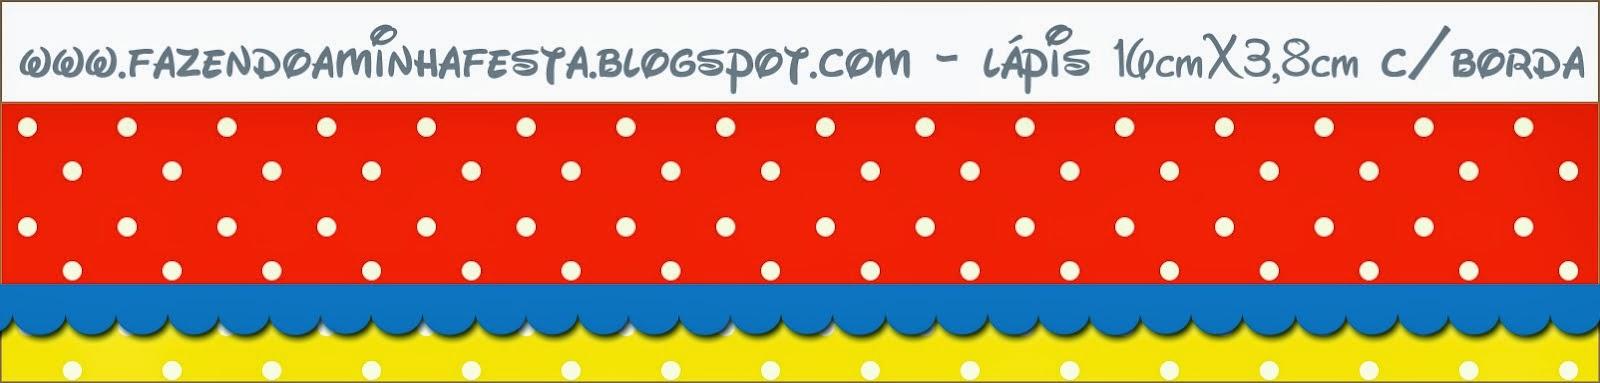 Etiquetas para Imprimir Gratis de Rojo, Amarillo y Lunares Blancos.